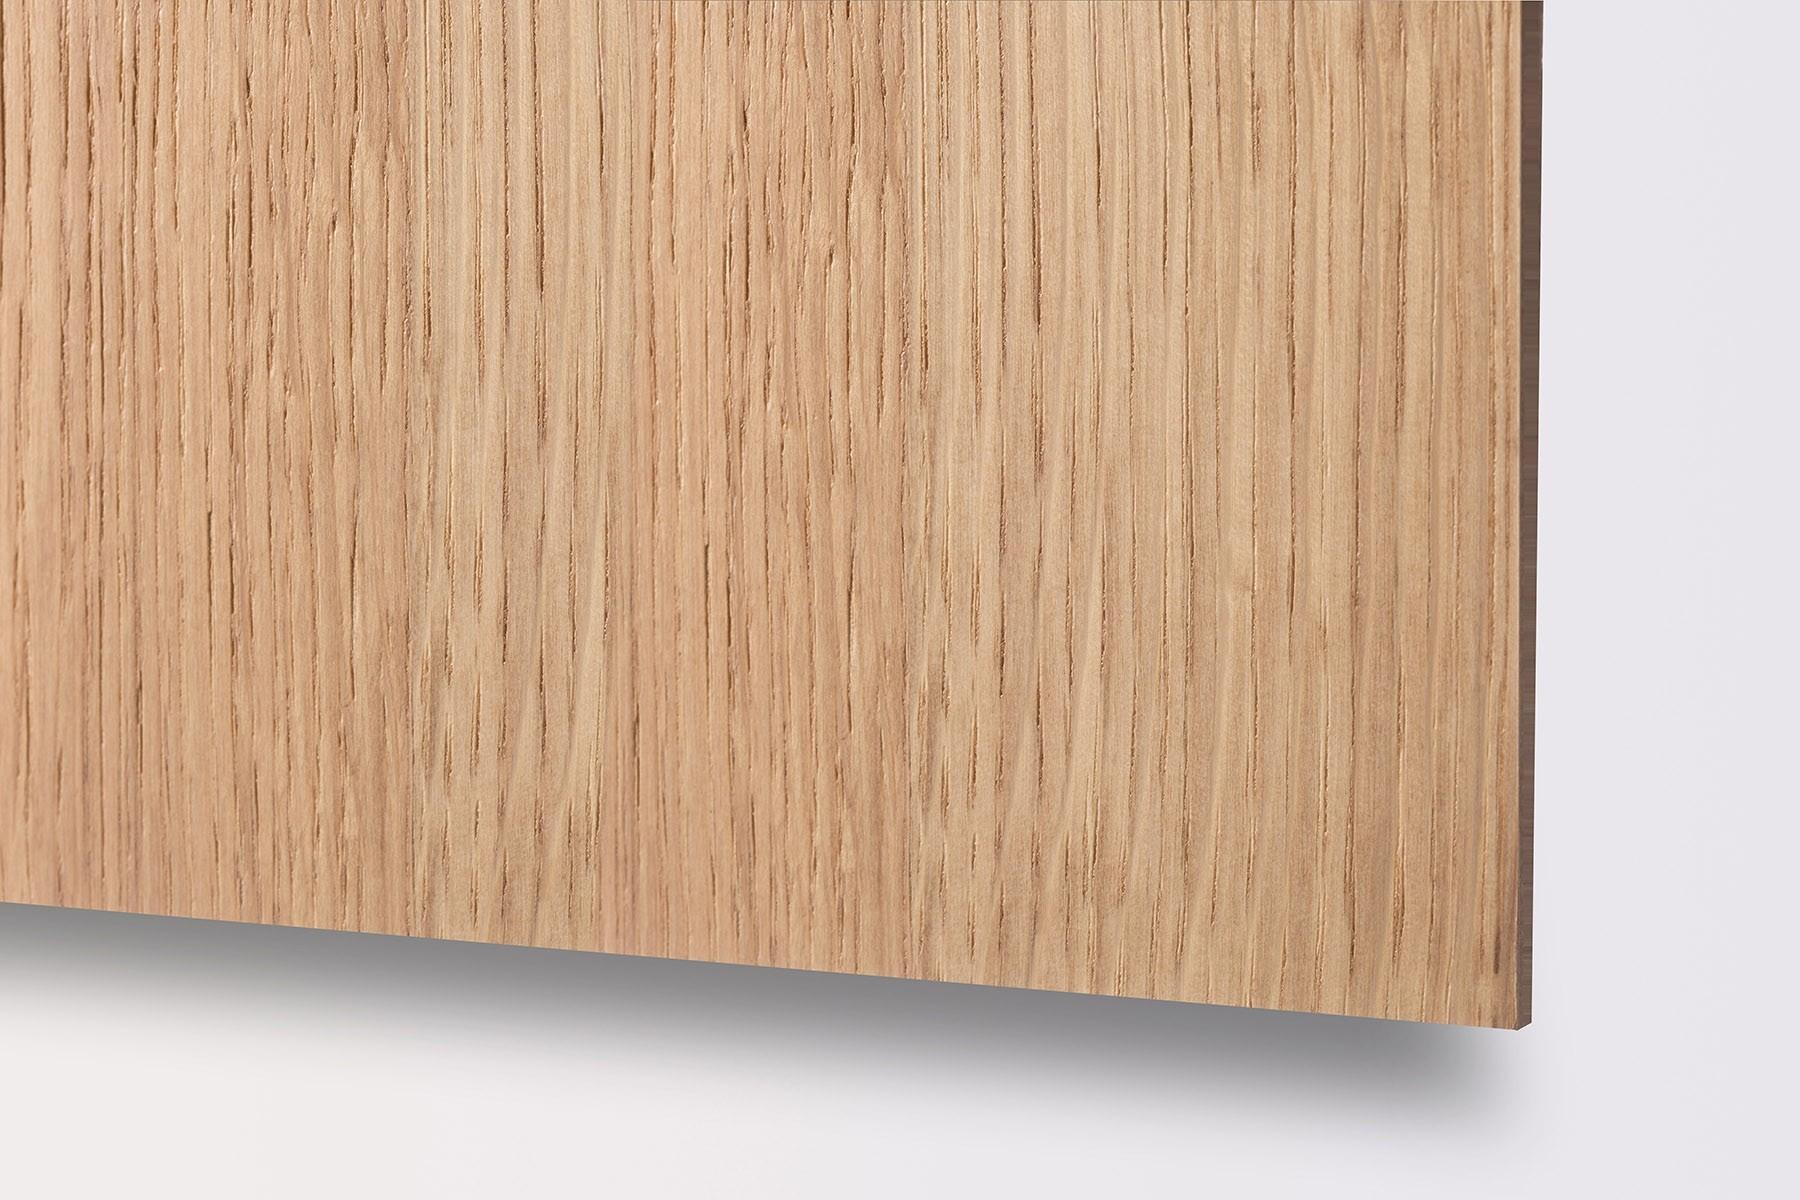 Pannelli Legno Senza Formaldeide lastre di legno per incisione - betulla, impiallacciato, mdf